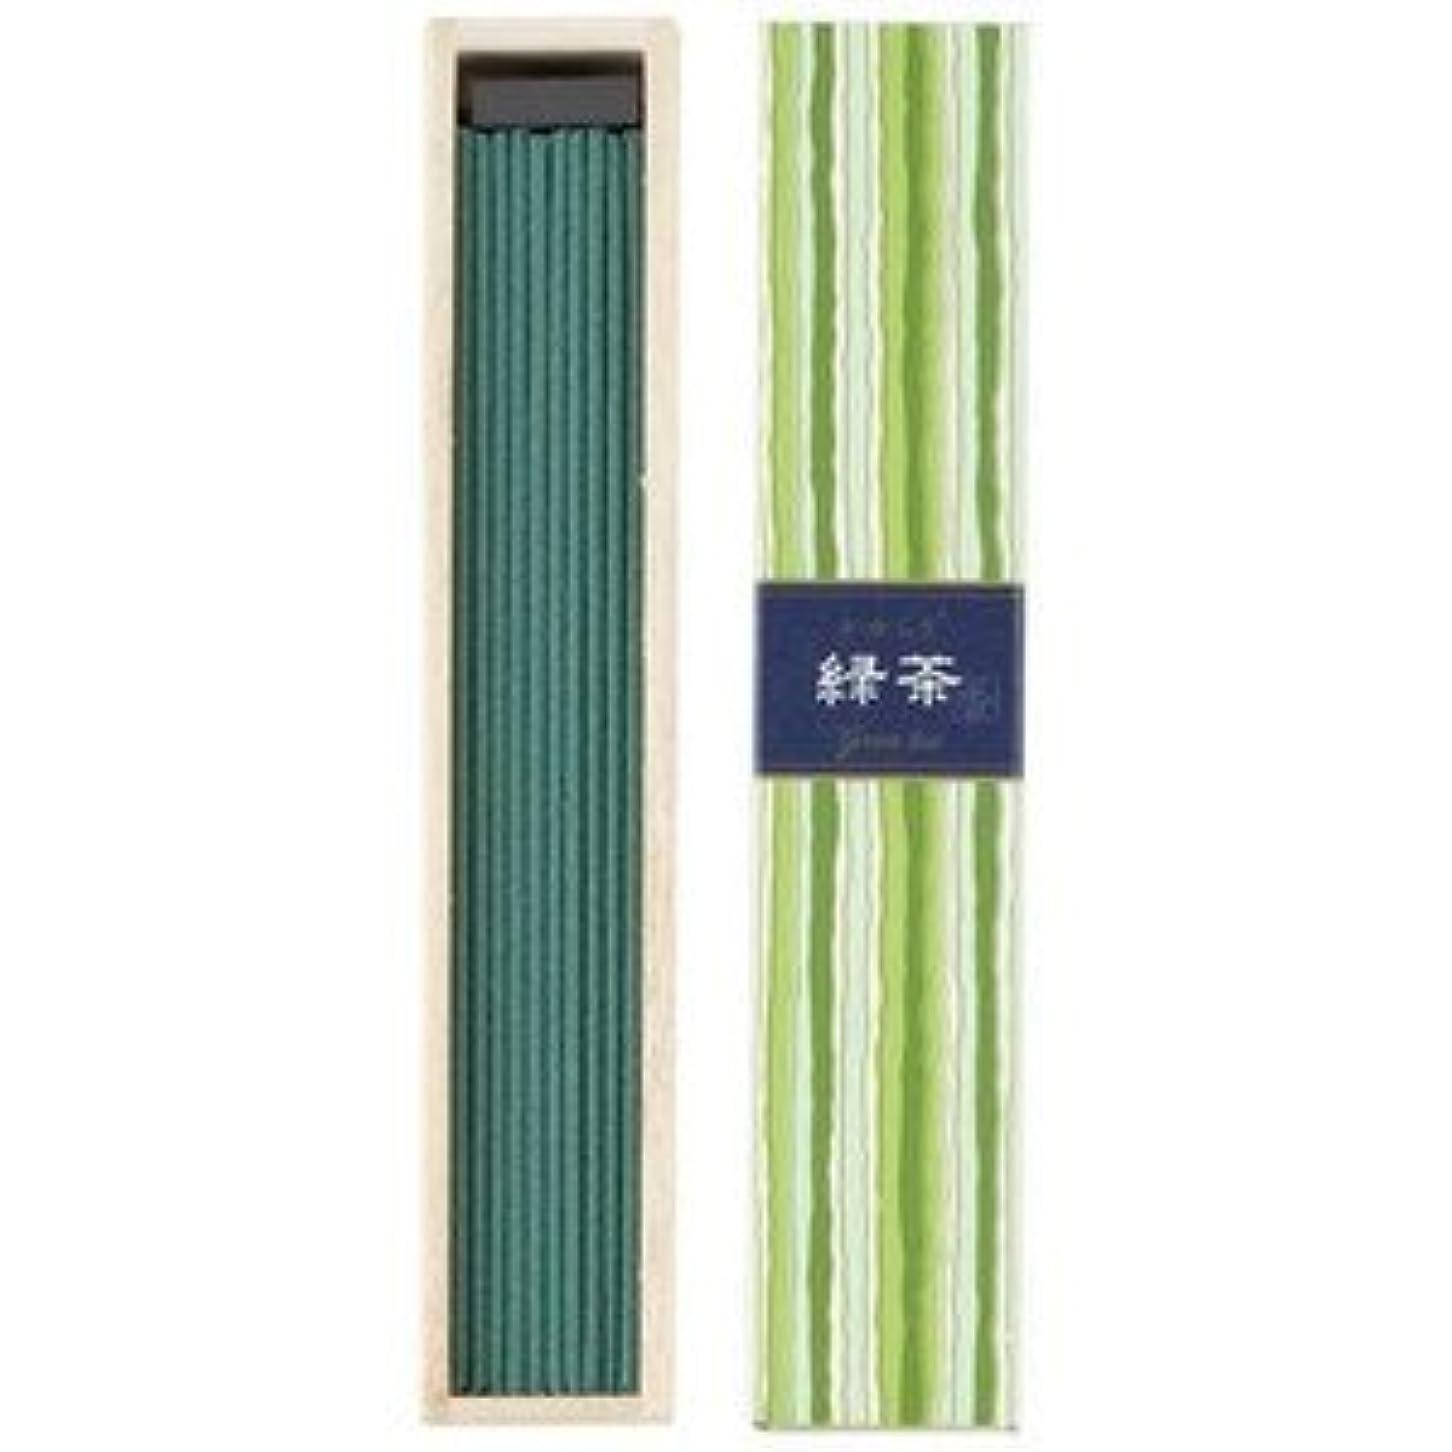 許される単独で威信日本香堂 かゆらぎスティック 緑茶